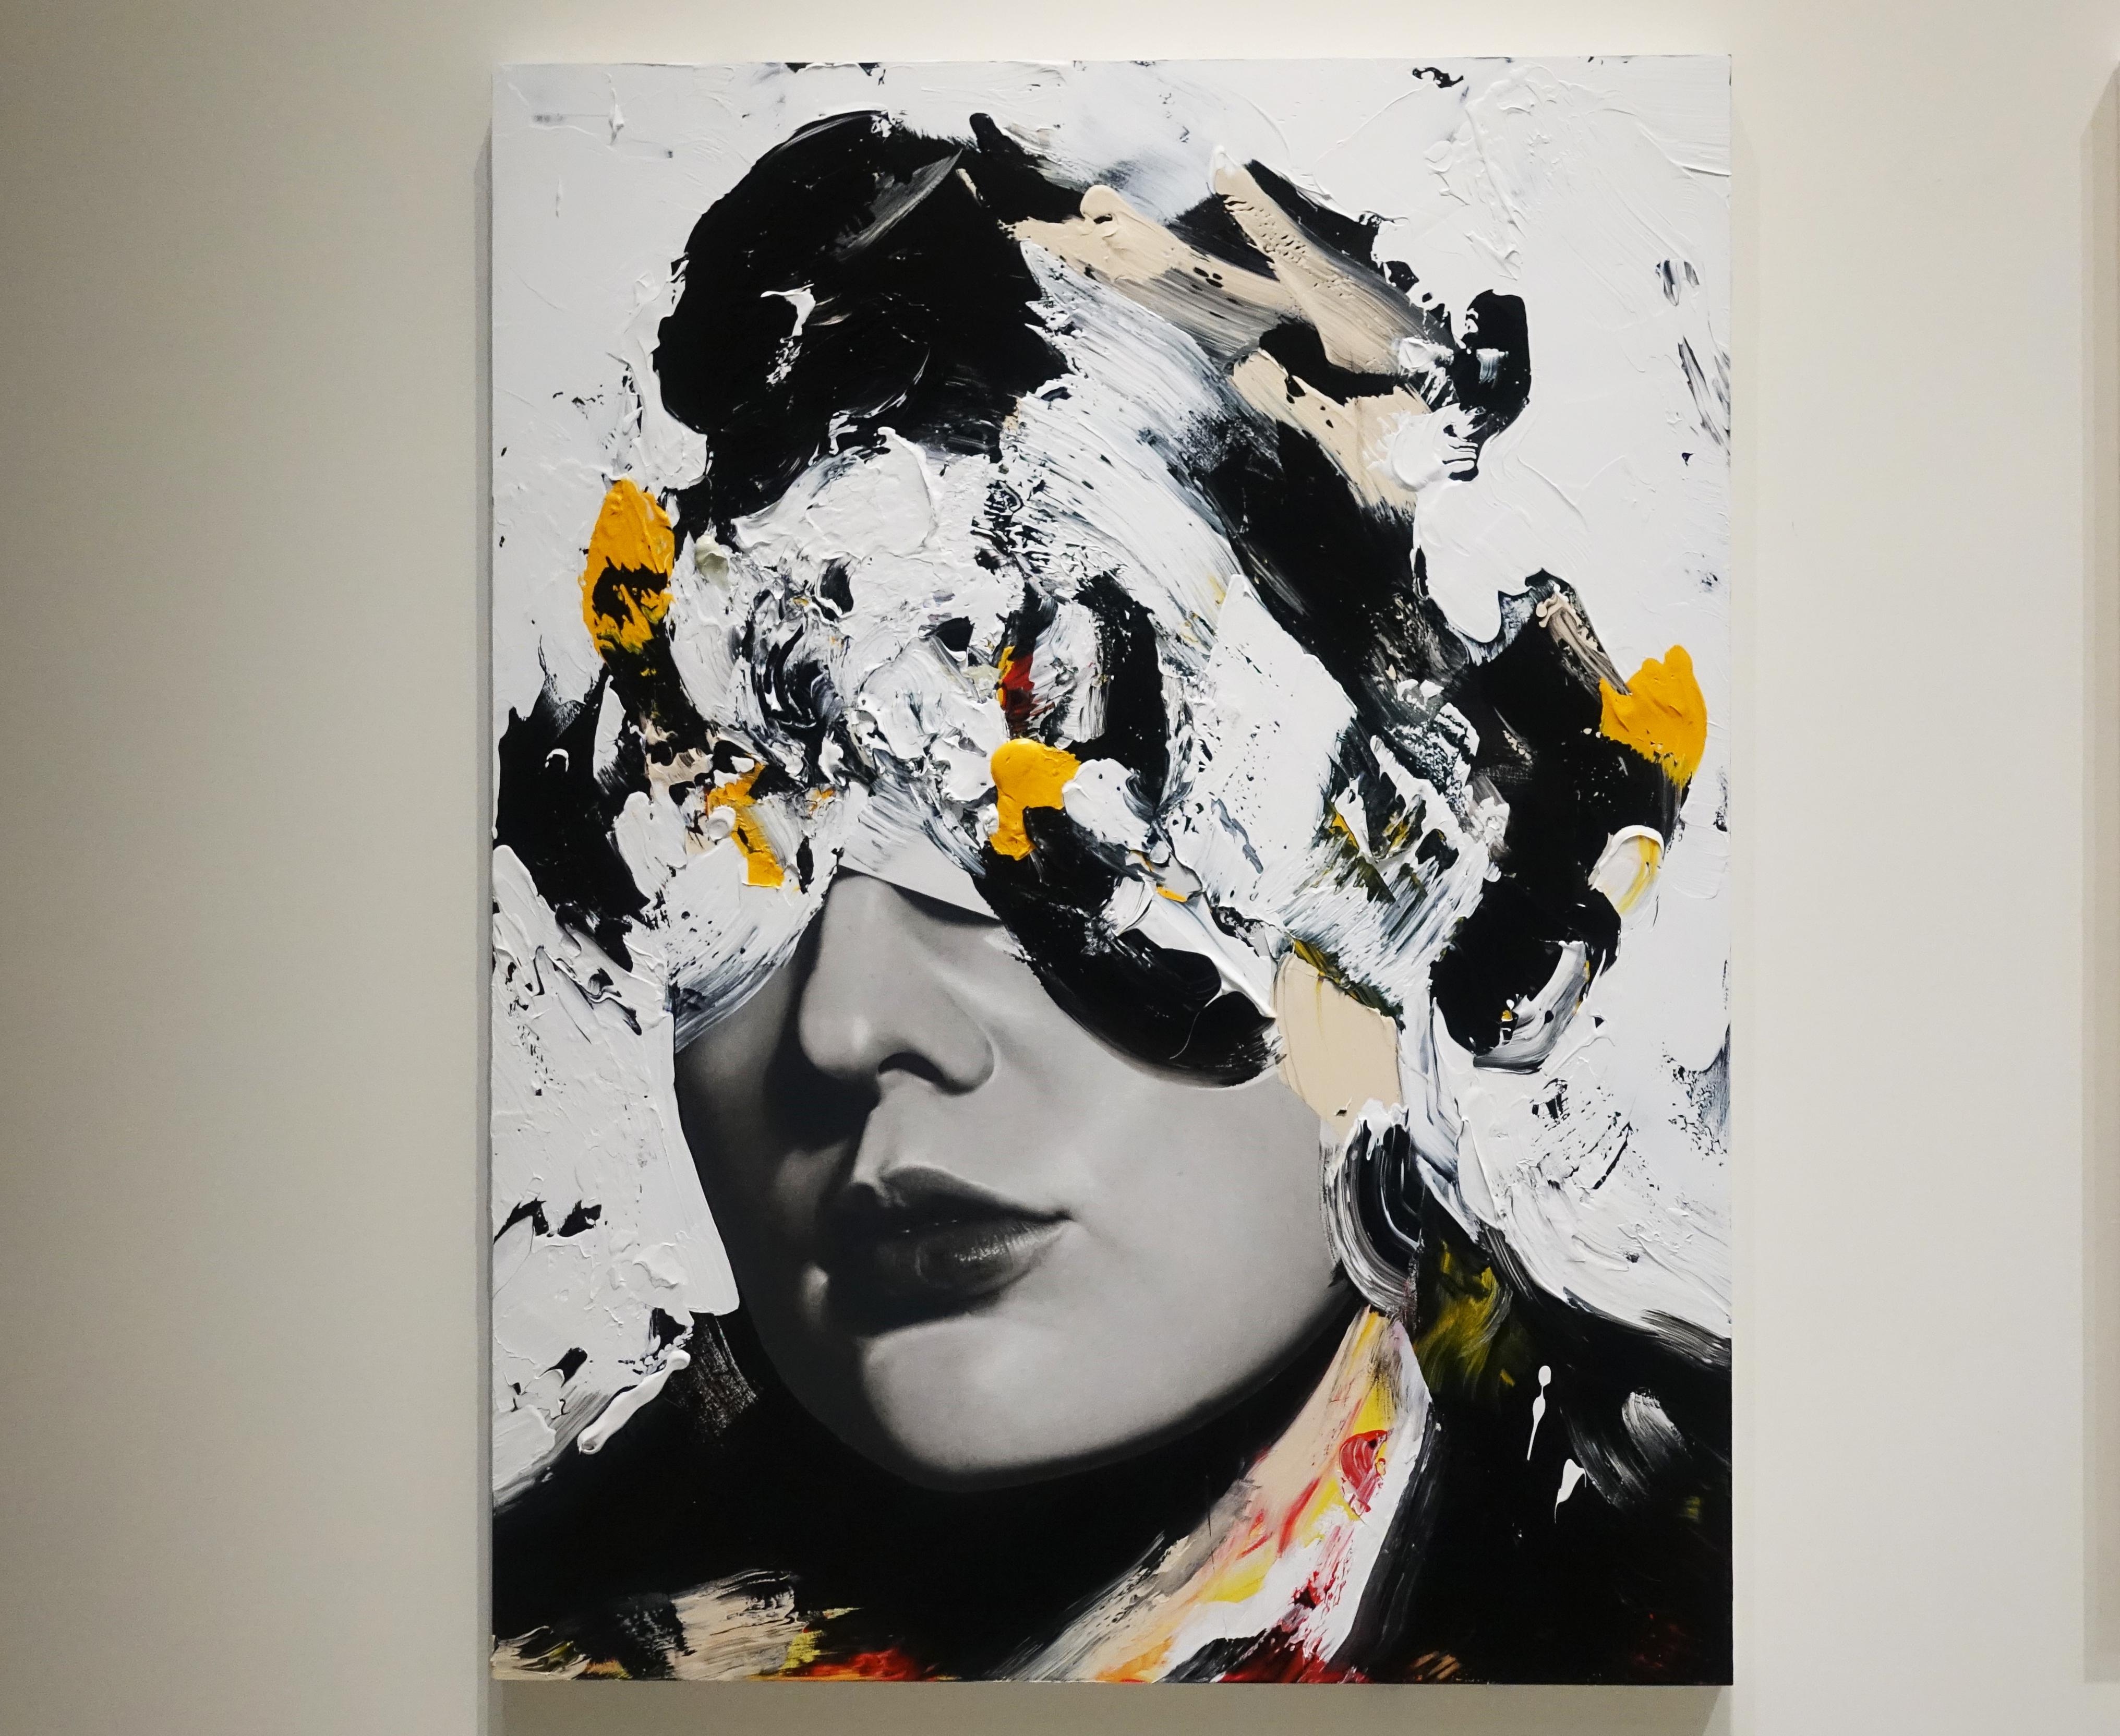 佐藤誠高,《Noblewoman》,140 x 107 cm,鉛筆、壓克力、紙、木板,2019。